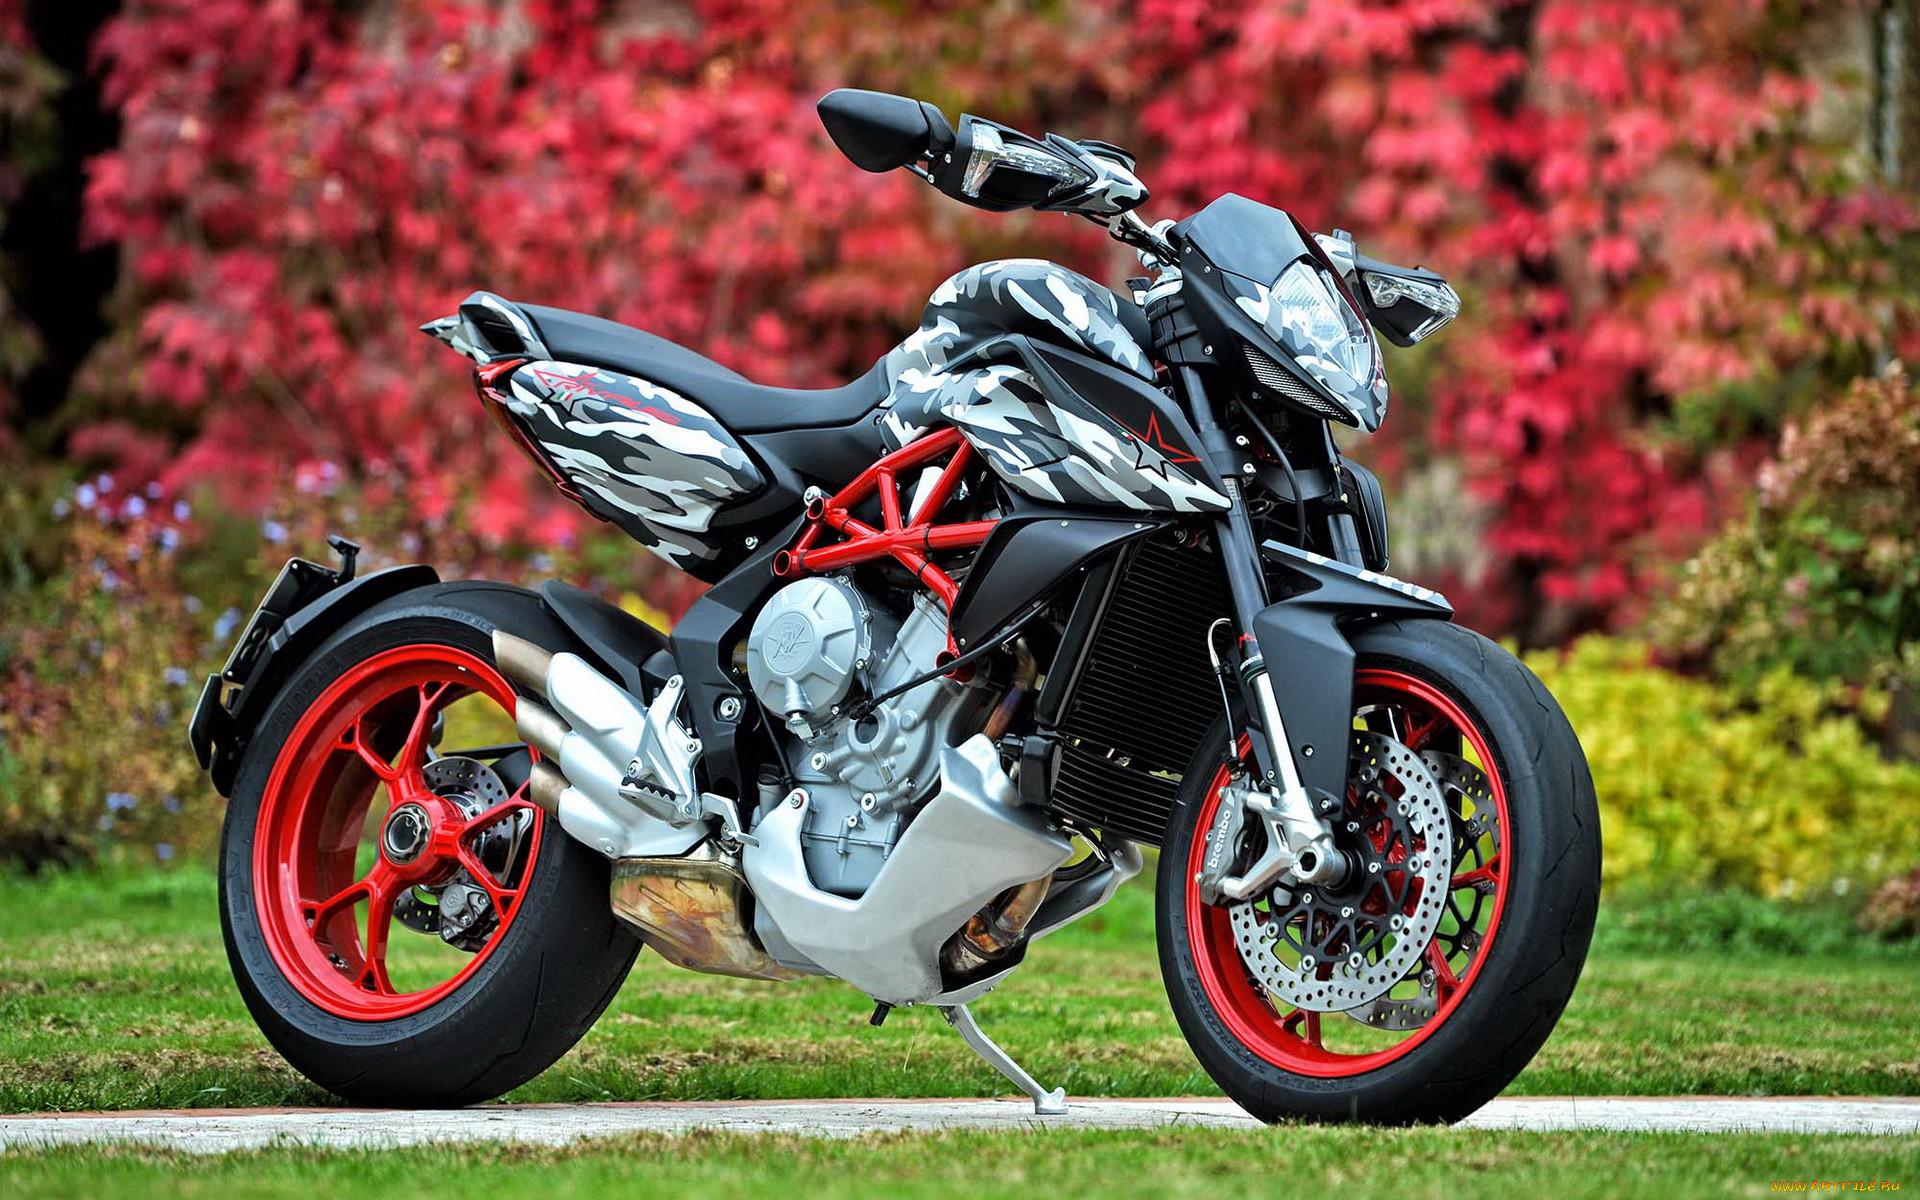 ёлки смотреть крутые мотоциклы фото несколько лет